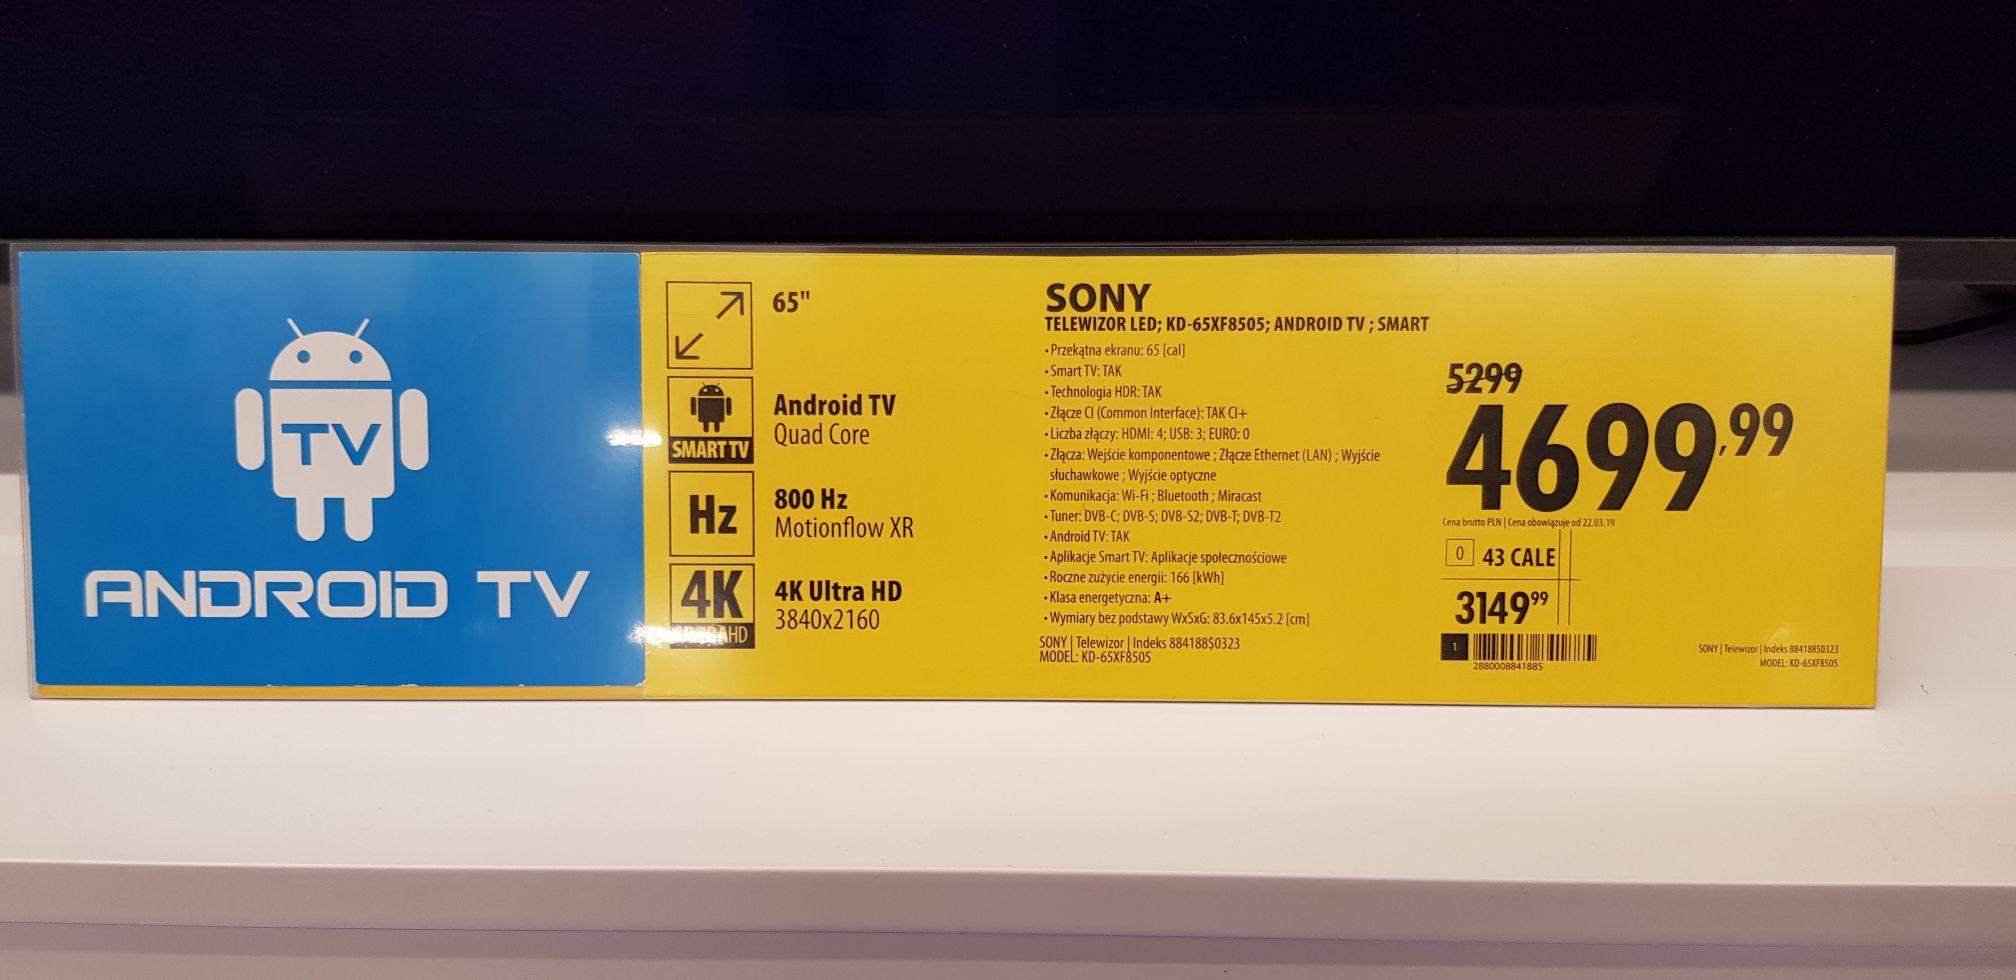 Telewizor Sony Bravia 65XF8505 w stacjonarnej sprzedazy Mediaexpert